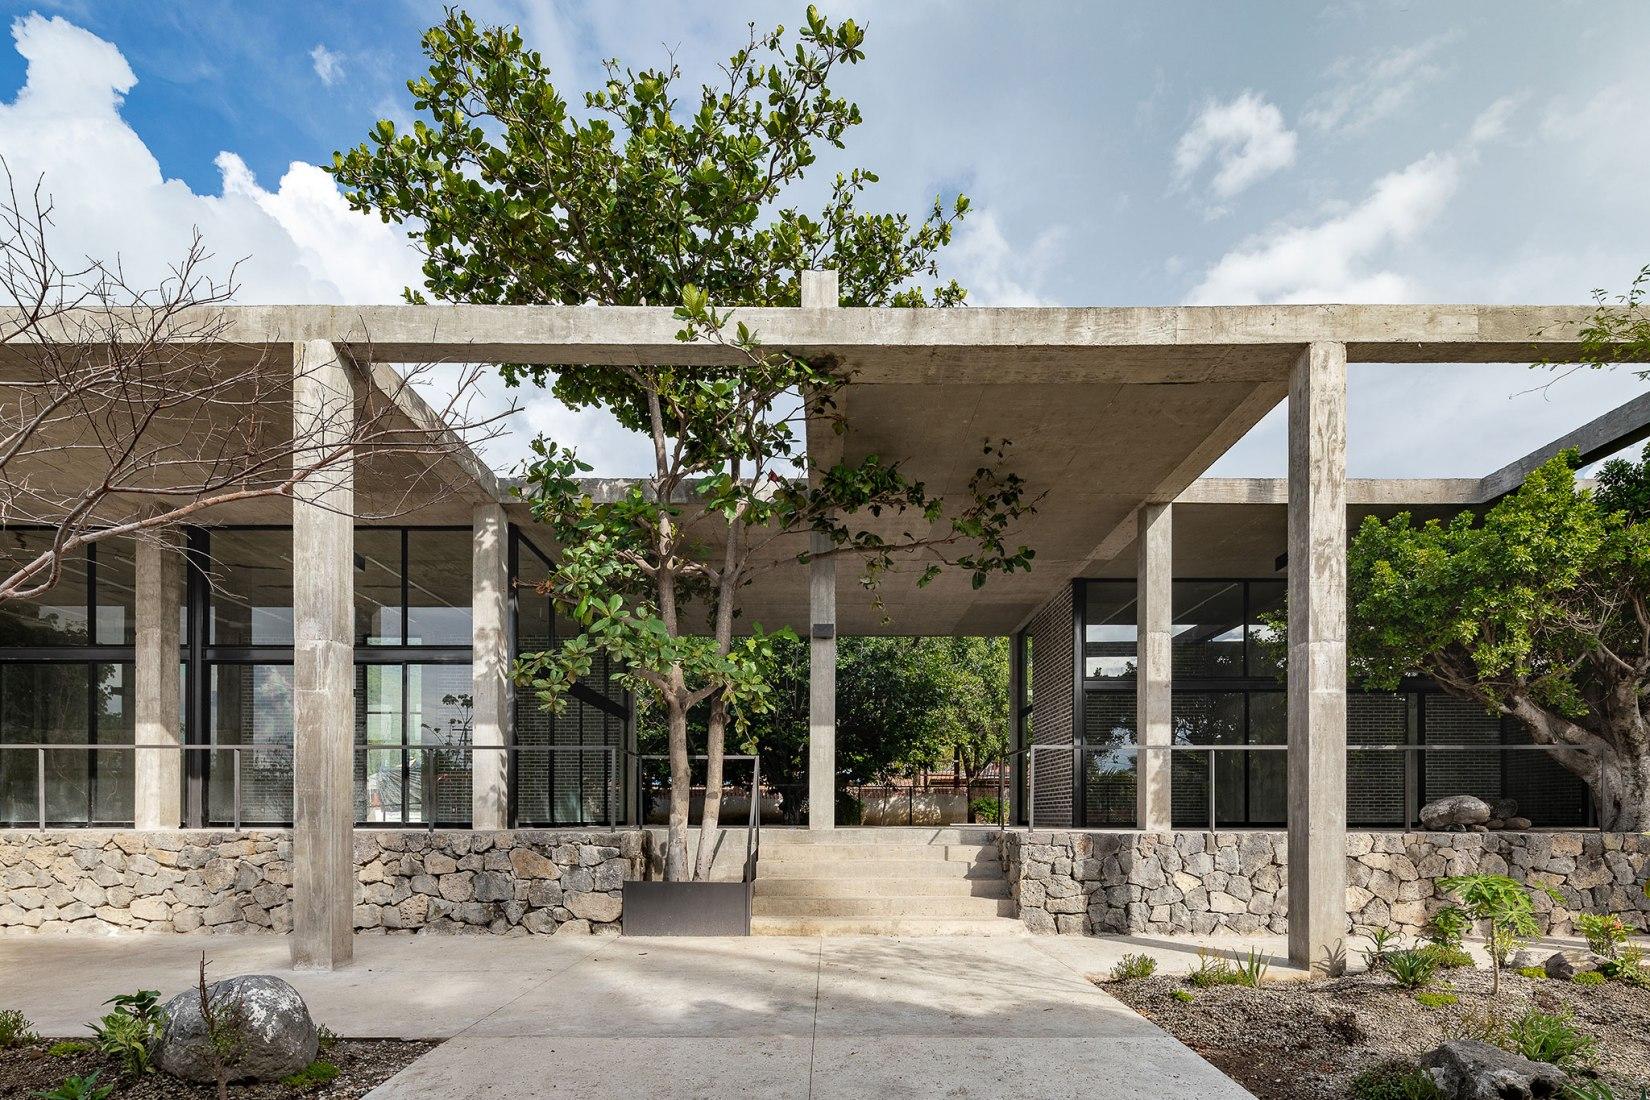 Centro desarrollo comunitario parque El Higuerón por AGENdA y Dellekamp/Schleich. Fotografía por Onnis Luque